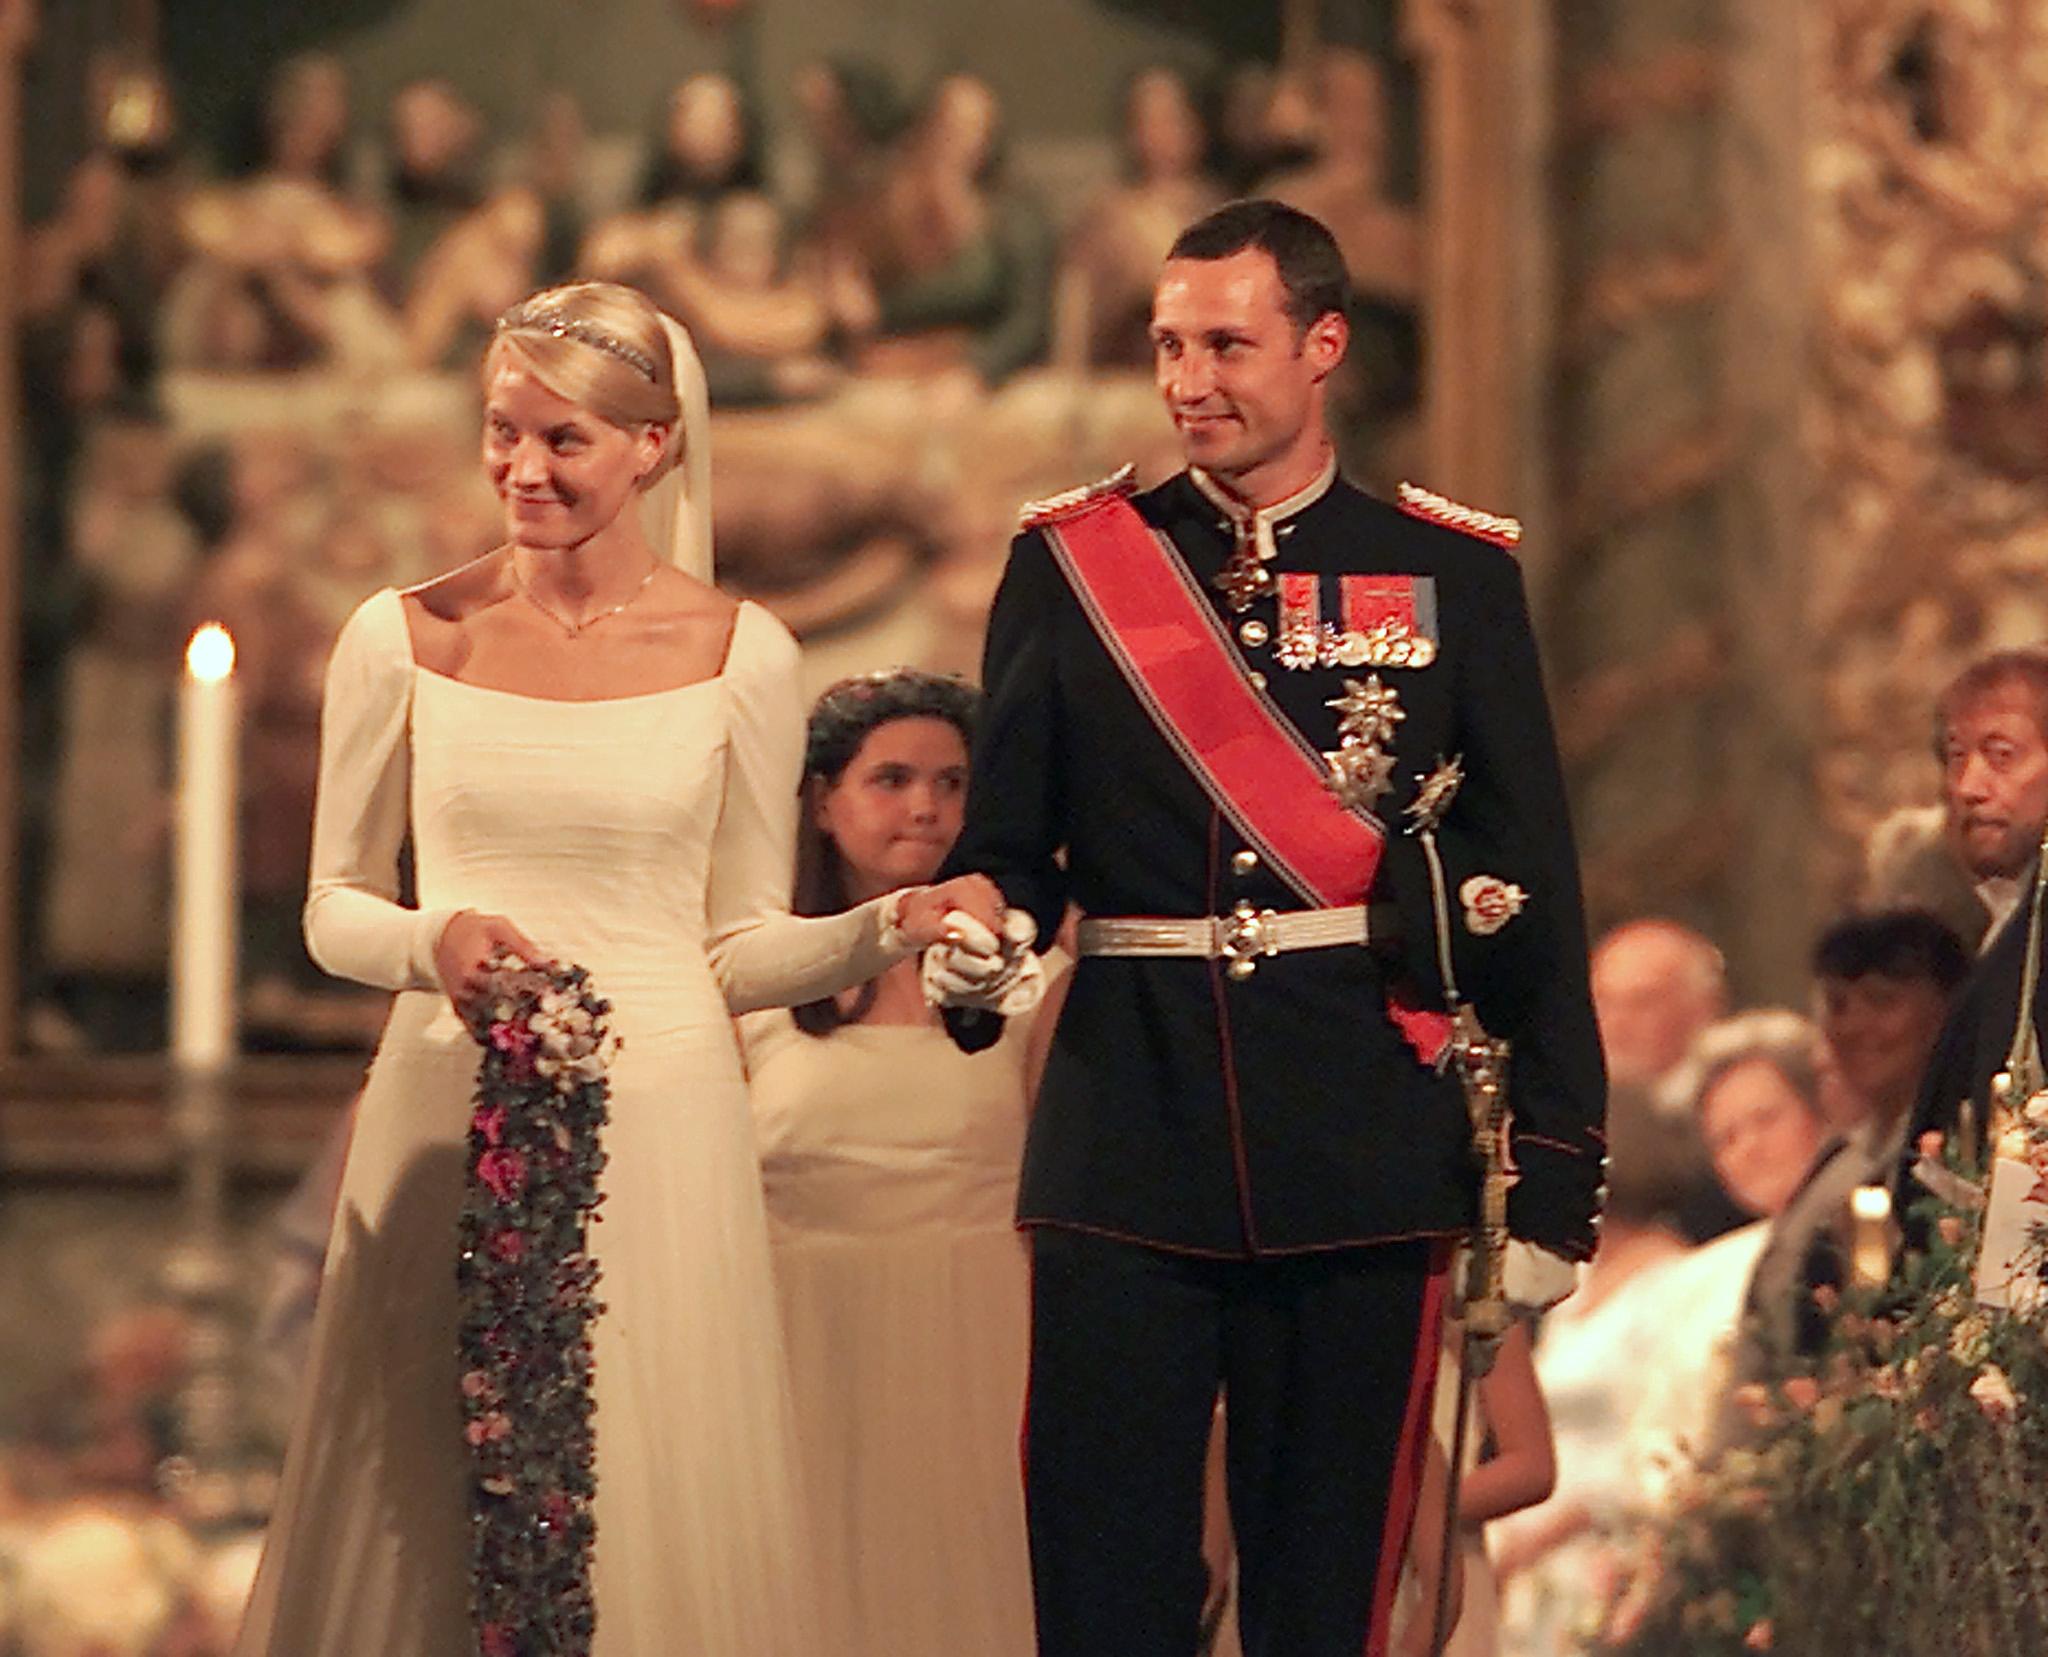 Norway's Crown Prince Haakon and Crown Princess Mette-Marit, 2001